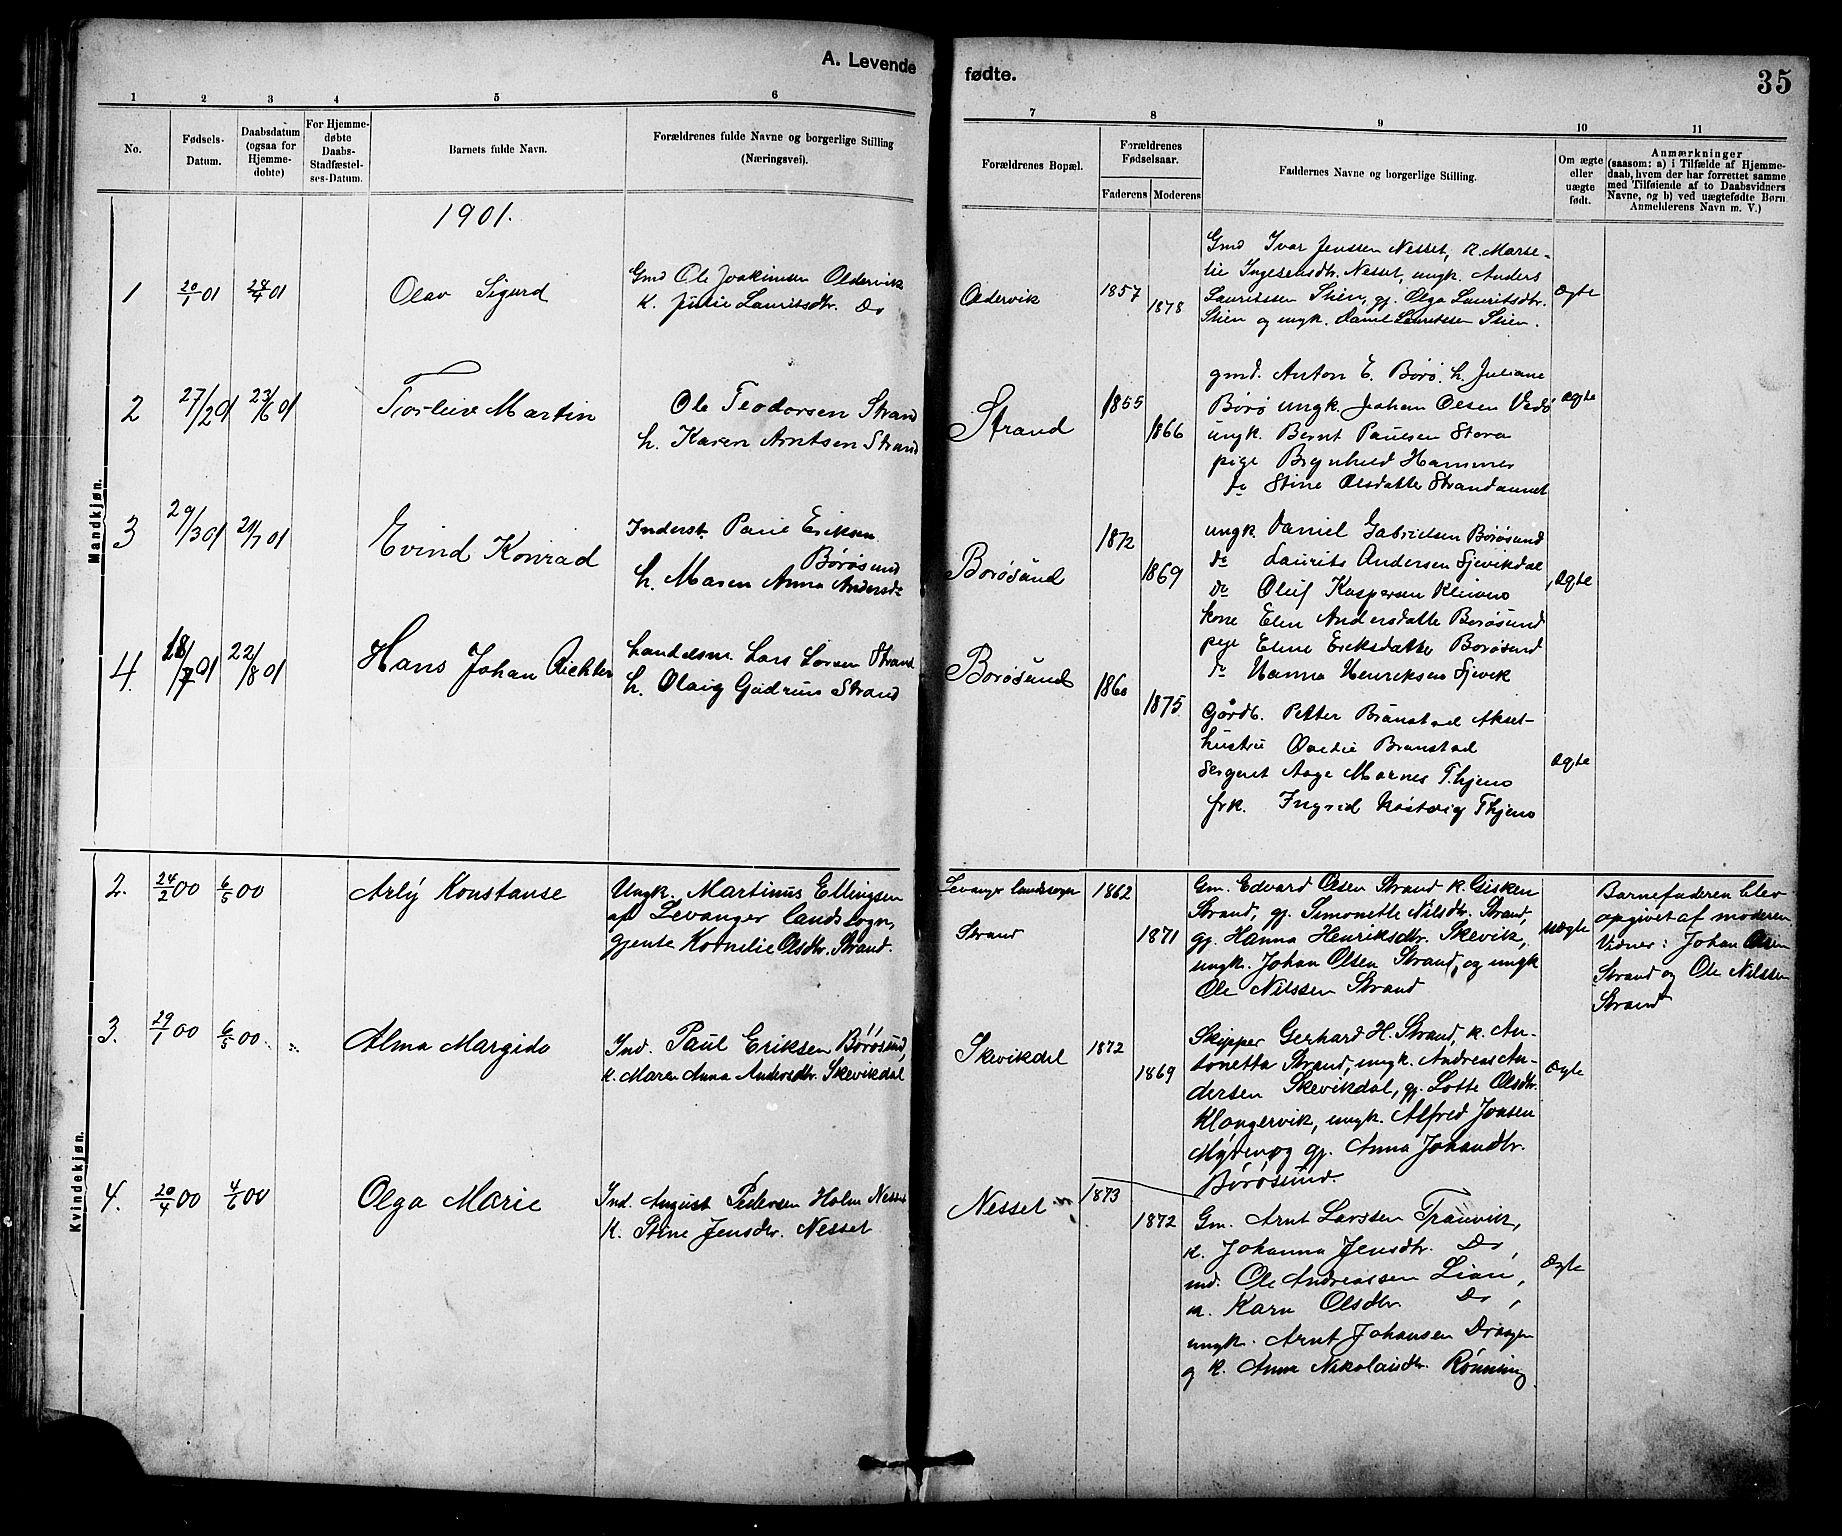 SAT, Ministerialprotokoller, klokkerbøker og fødselsregistre - Sør-Trøndelag, 639/L0573: Klokkerbok nr. 639C01, 1890-1905, s. 35